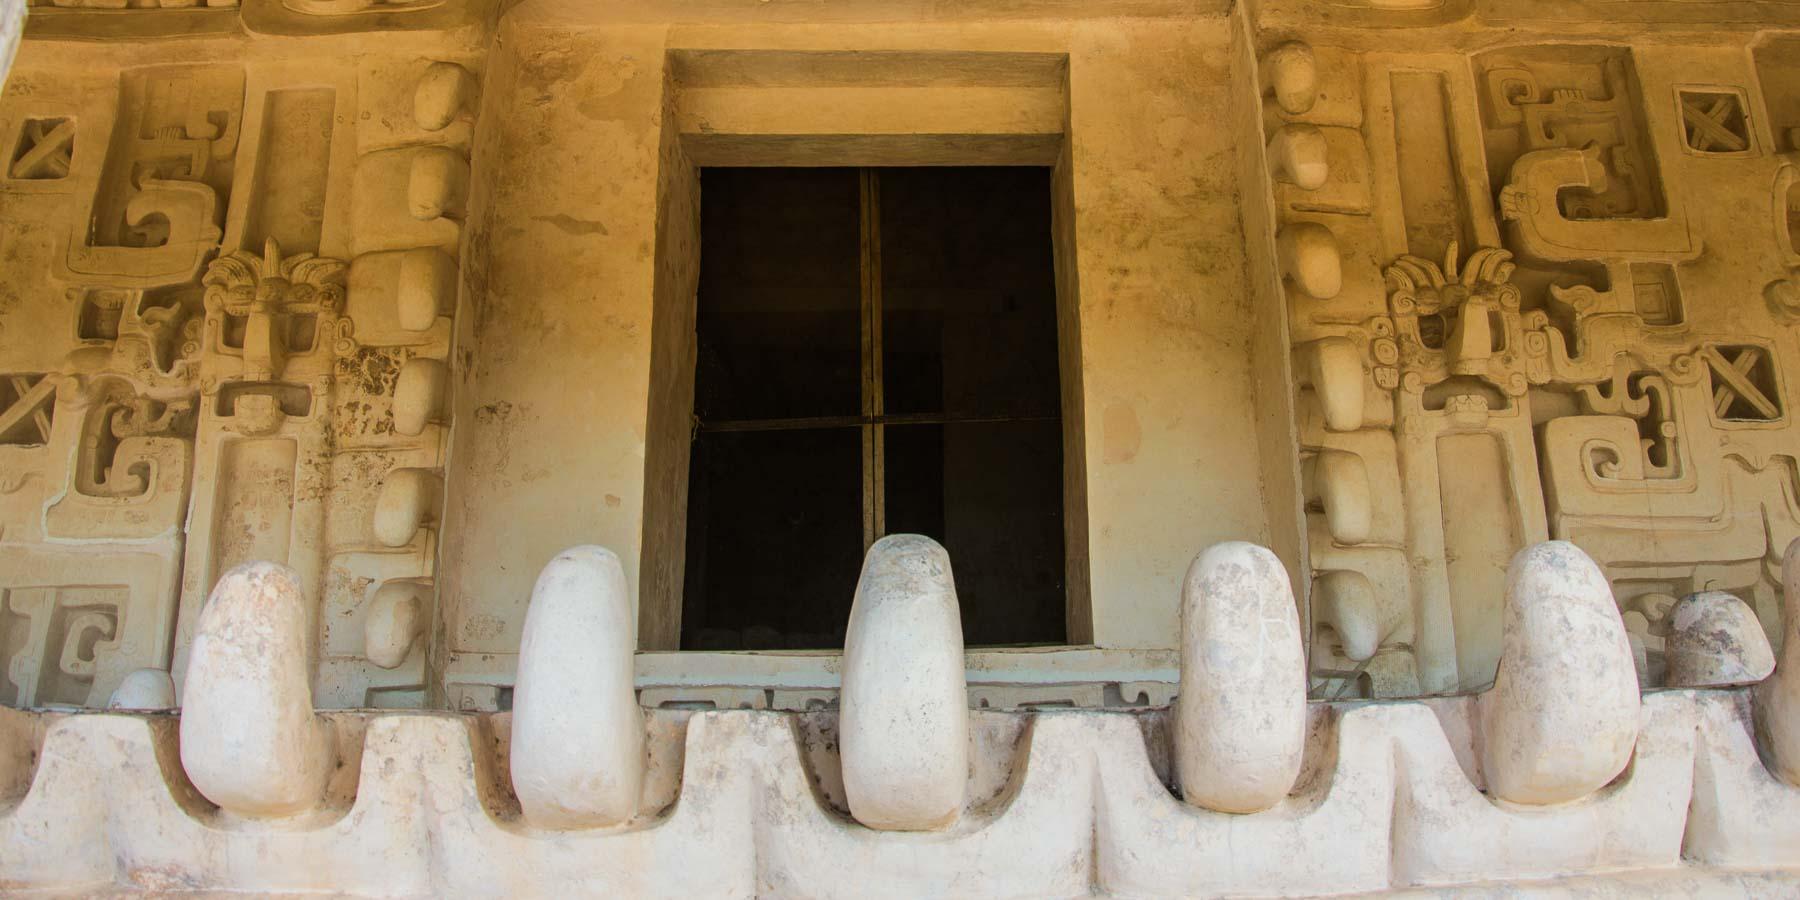 Ek Balam teeth and sculptures on temple.